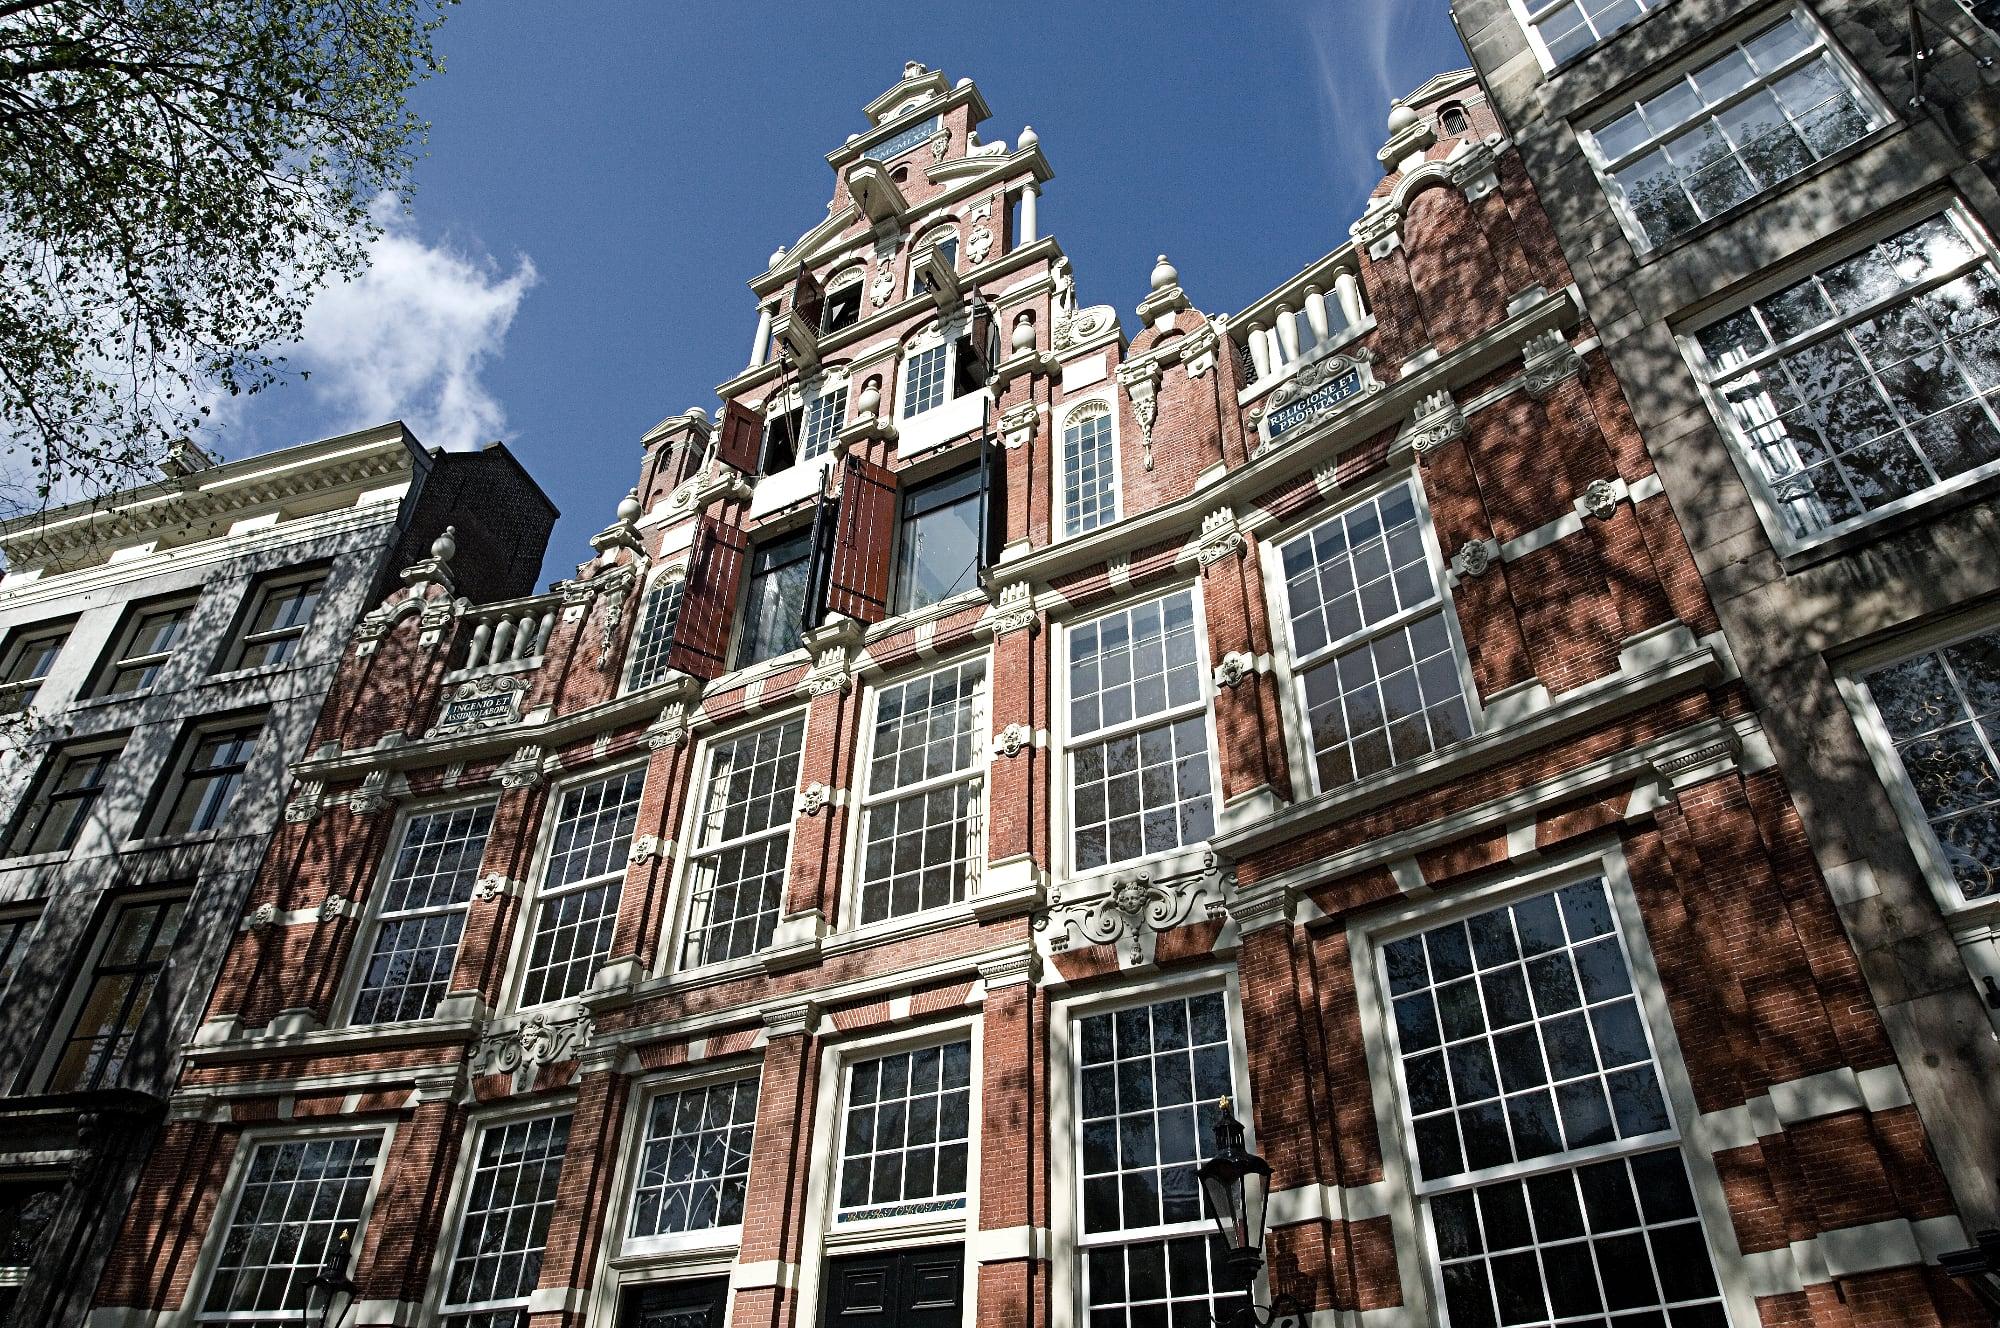 Buitenkant grachtenhuis Amsterdam door Arjan Bronkhorst